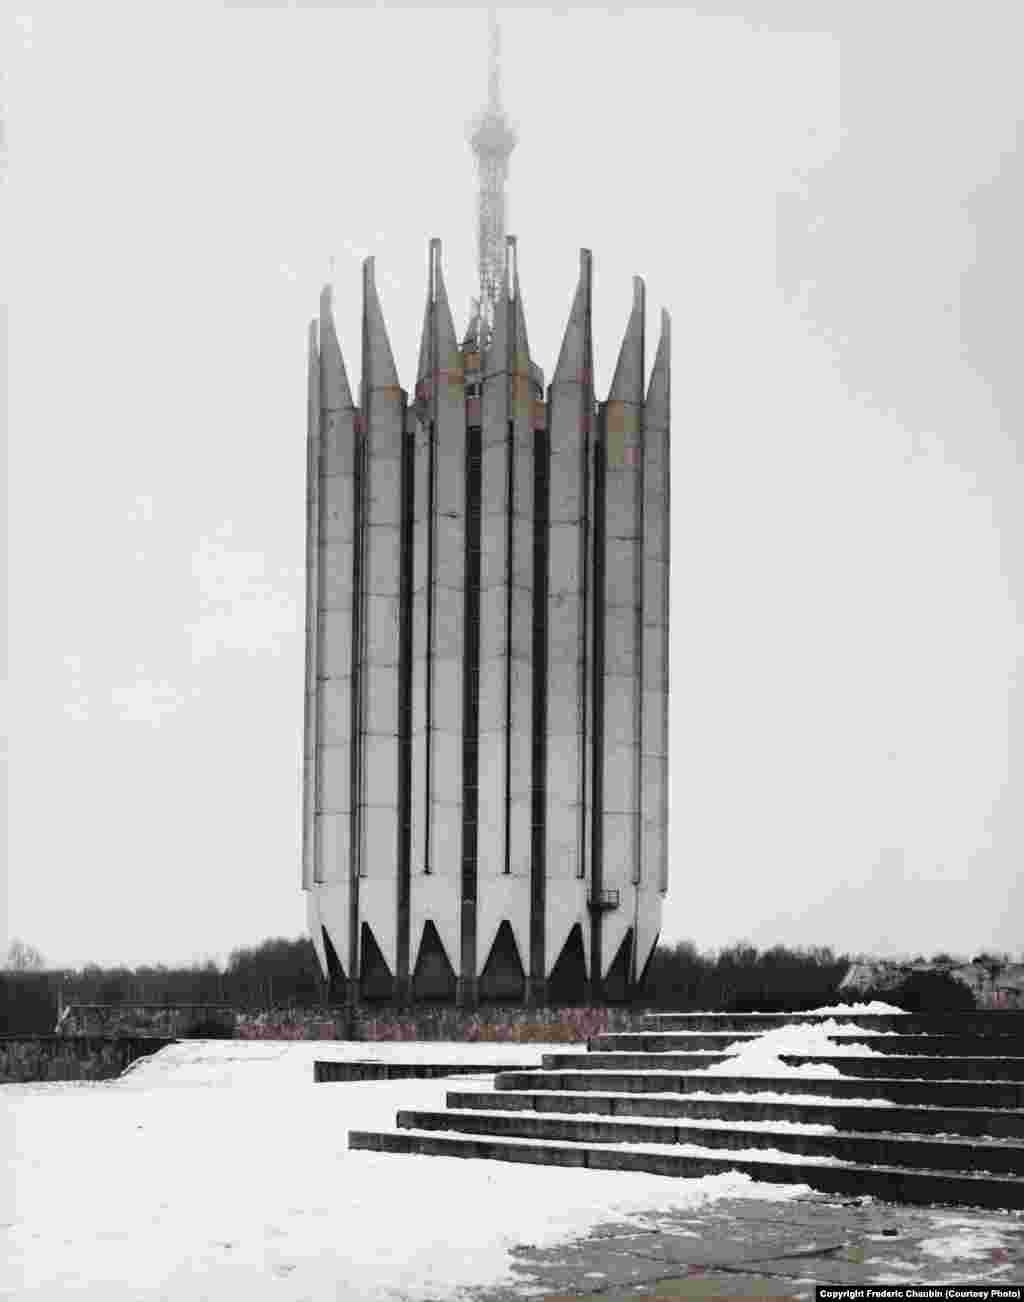 Институт робототехники и технической кибернетики в Петербурге. Архитекторы: С.Савин и Б.Артюшин. 1987 год